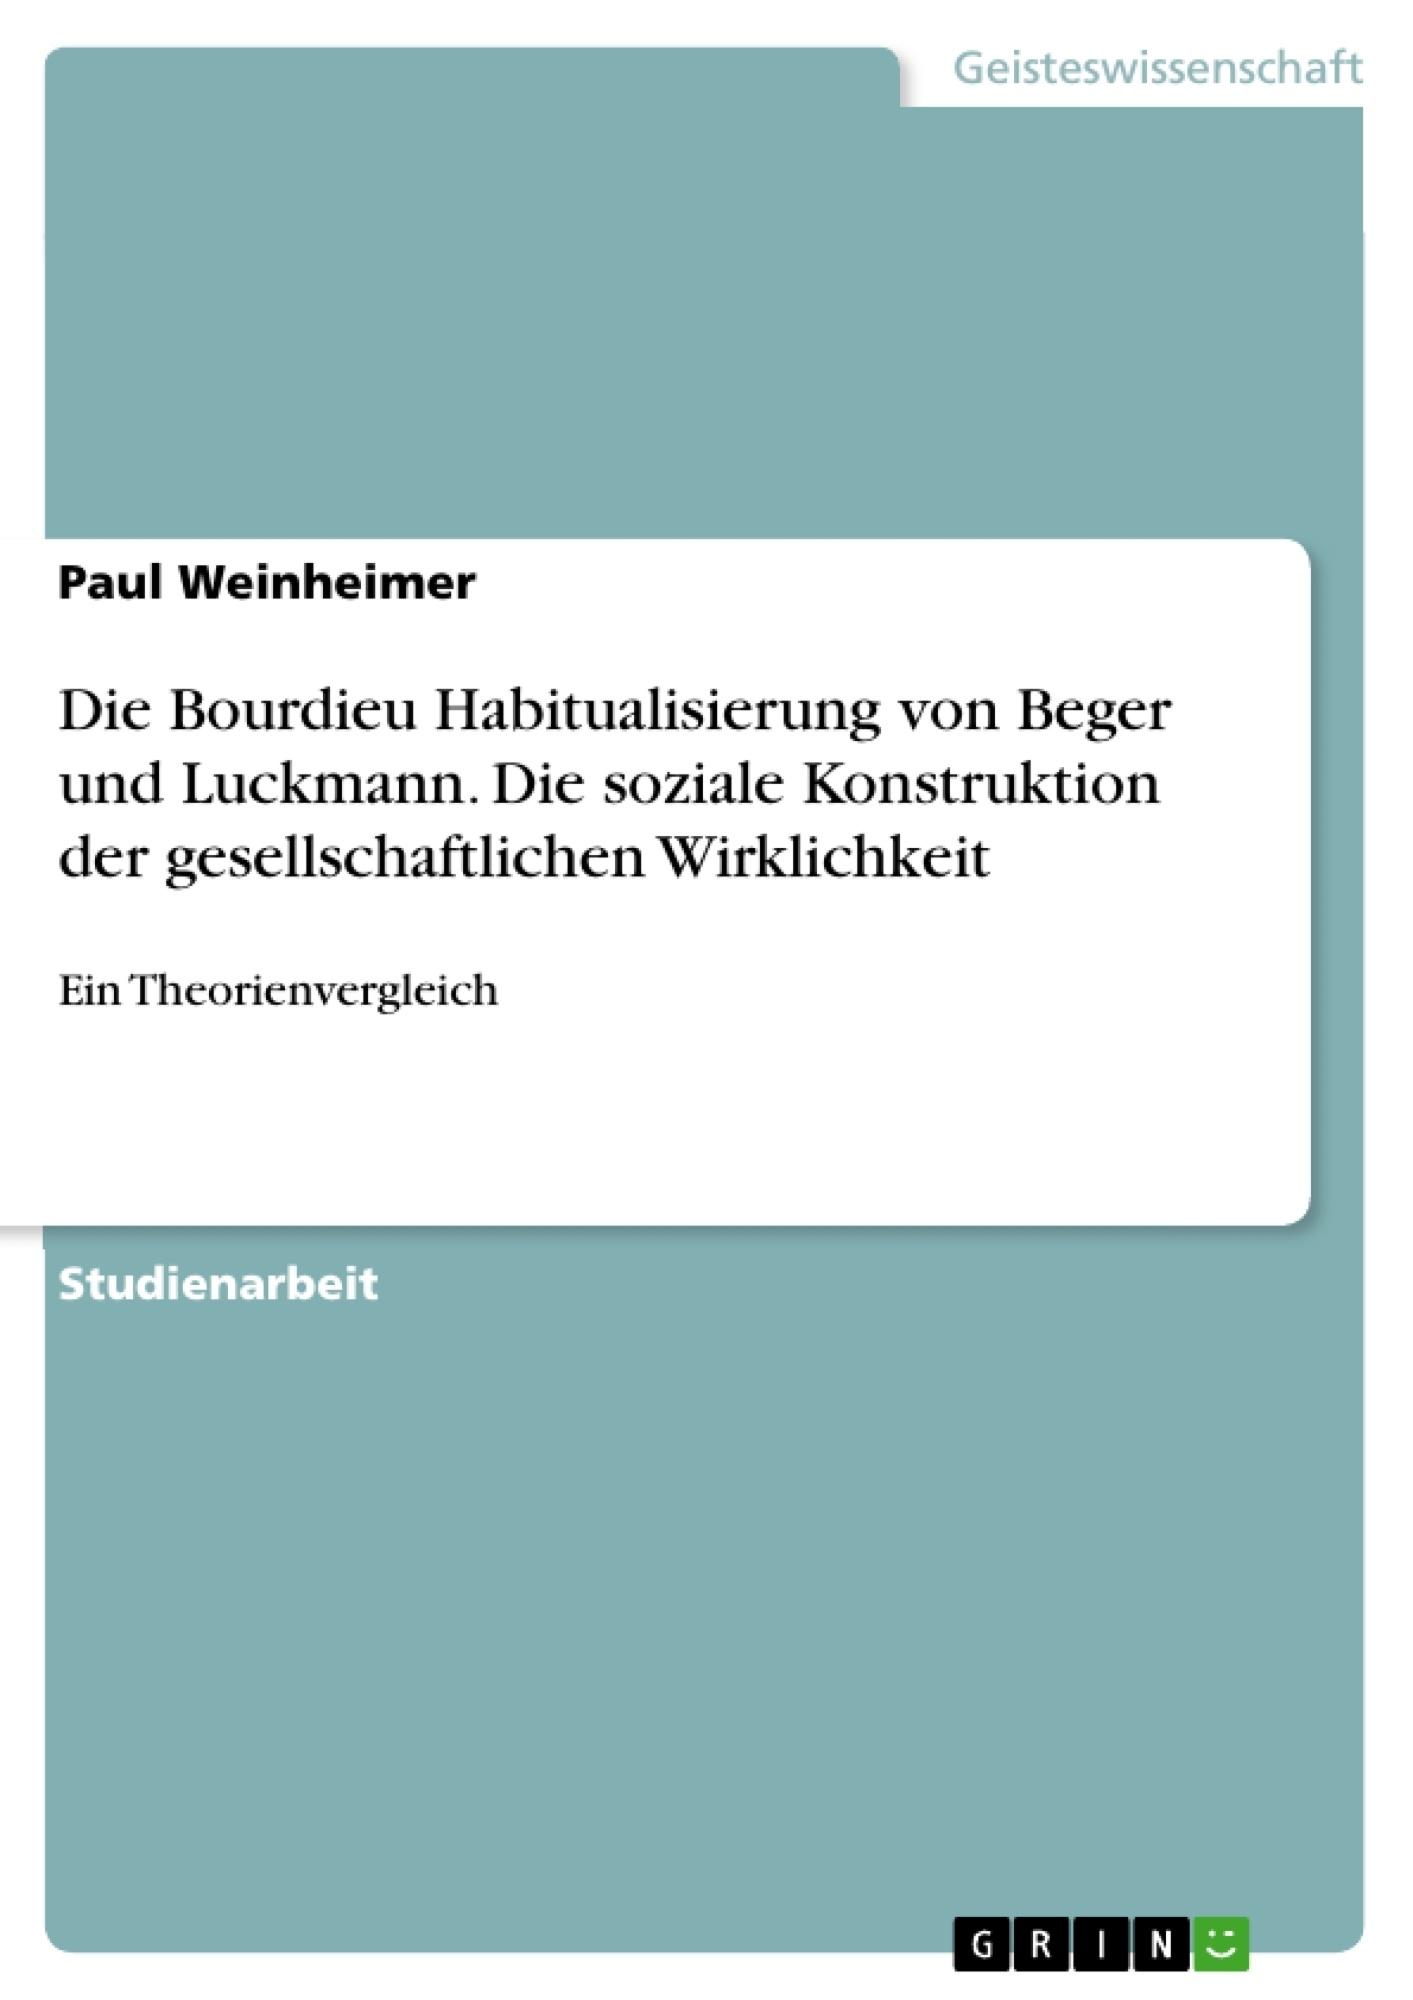 Titel: Die Bourdieu Habitualisierung von Beger und Luckmann. Die soziale Konstruktion der gesellschaftlichen Wirklichkeit